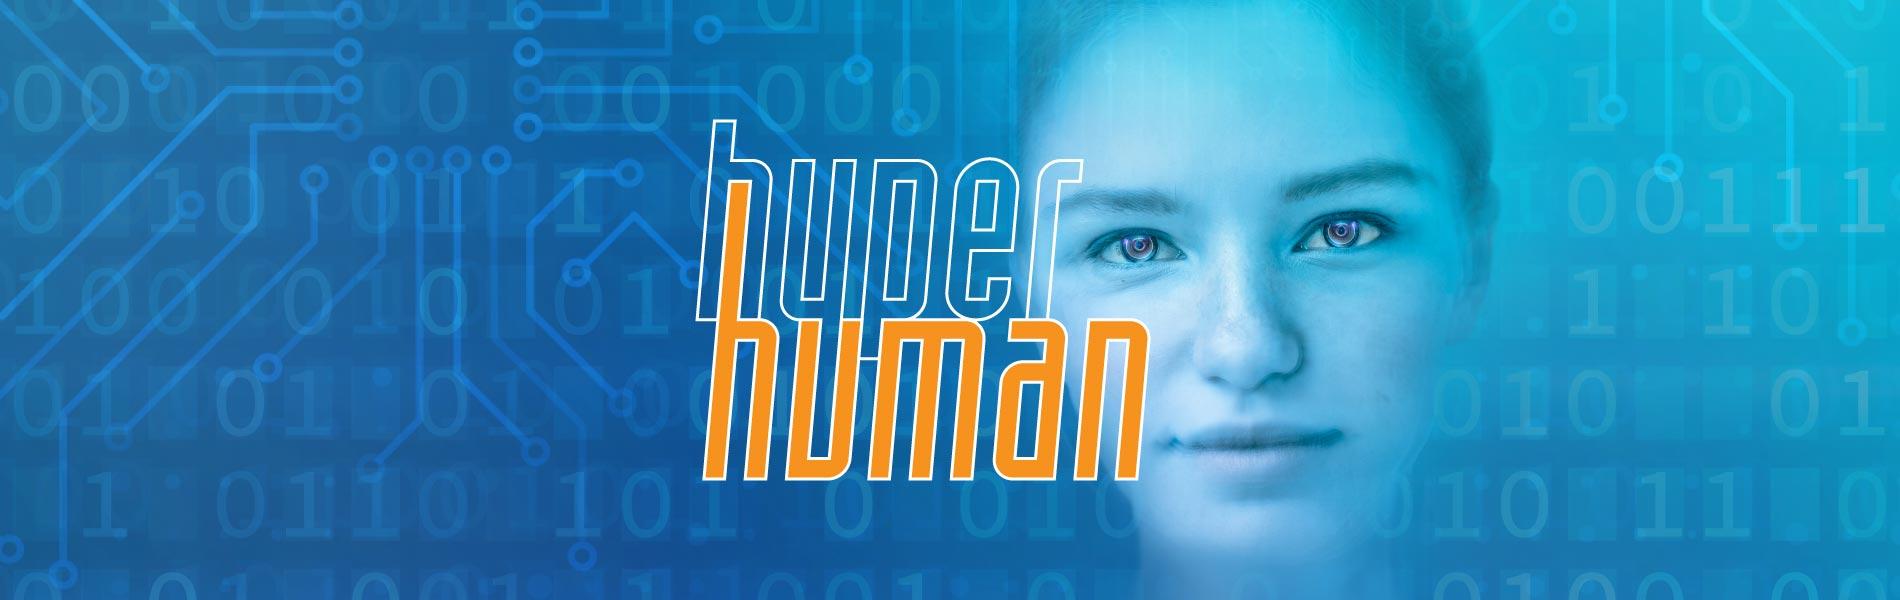 Futuristiskt ansikte och logotyp